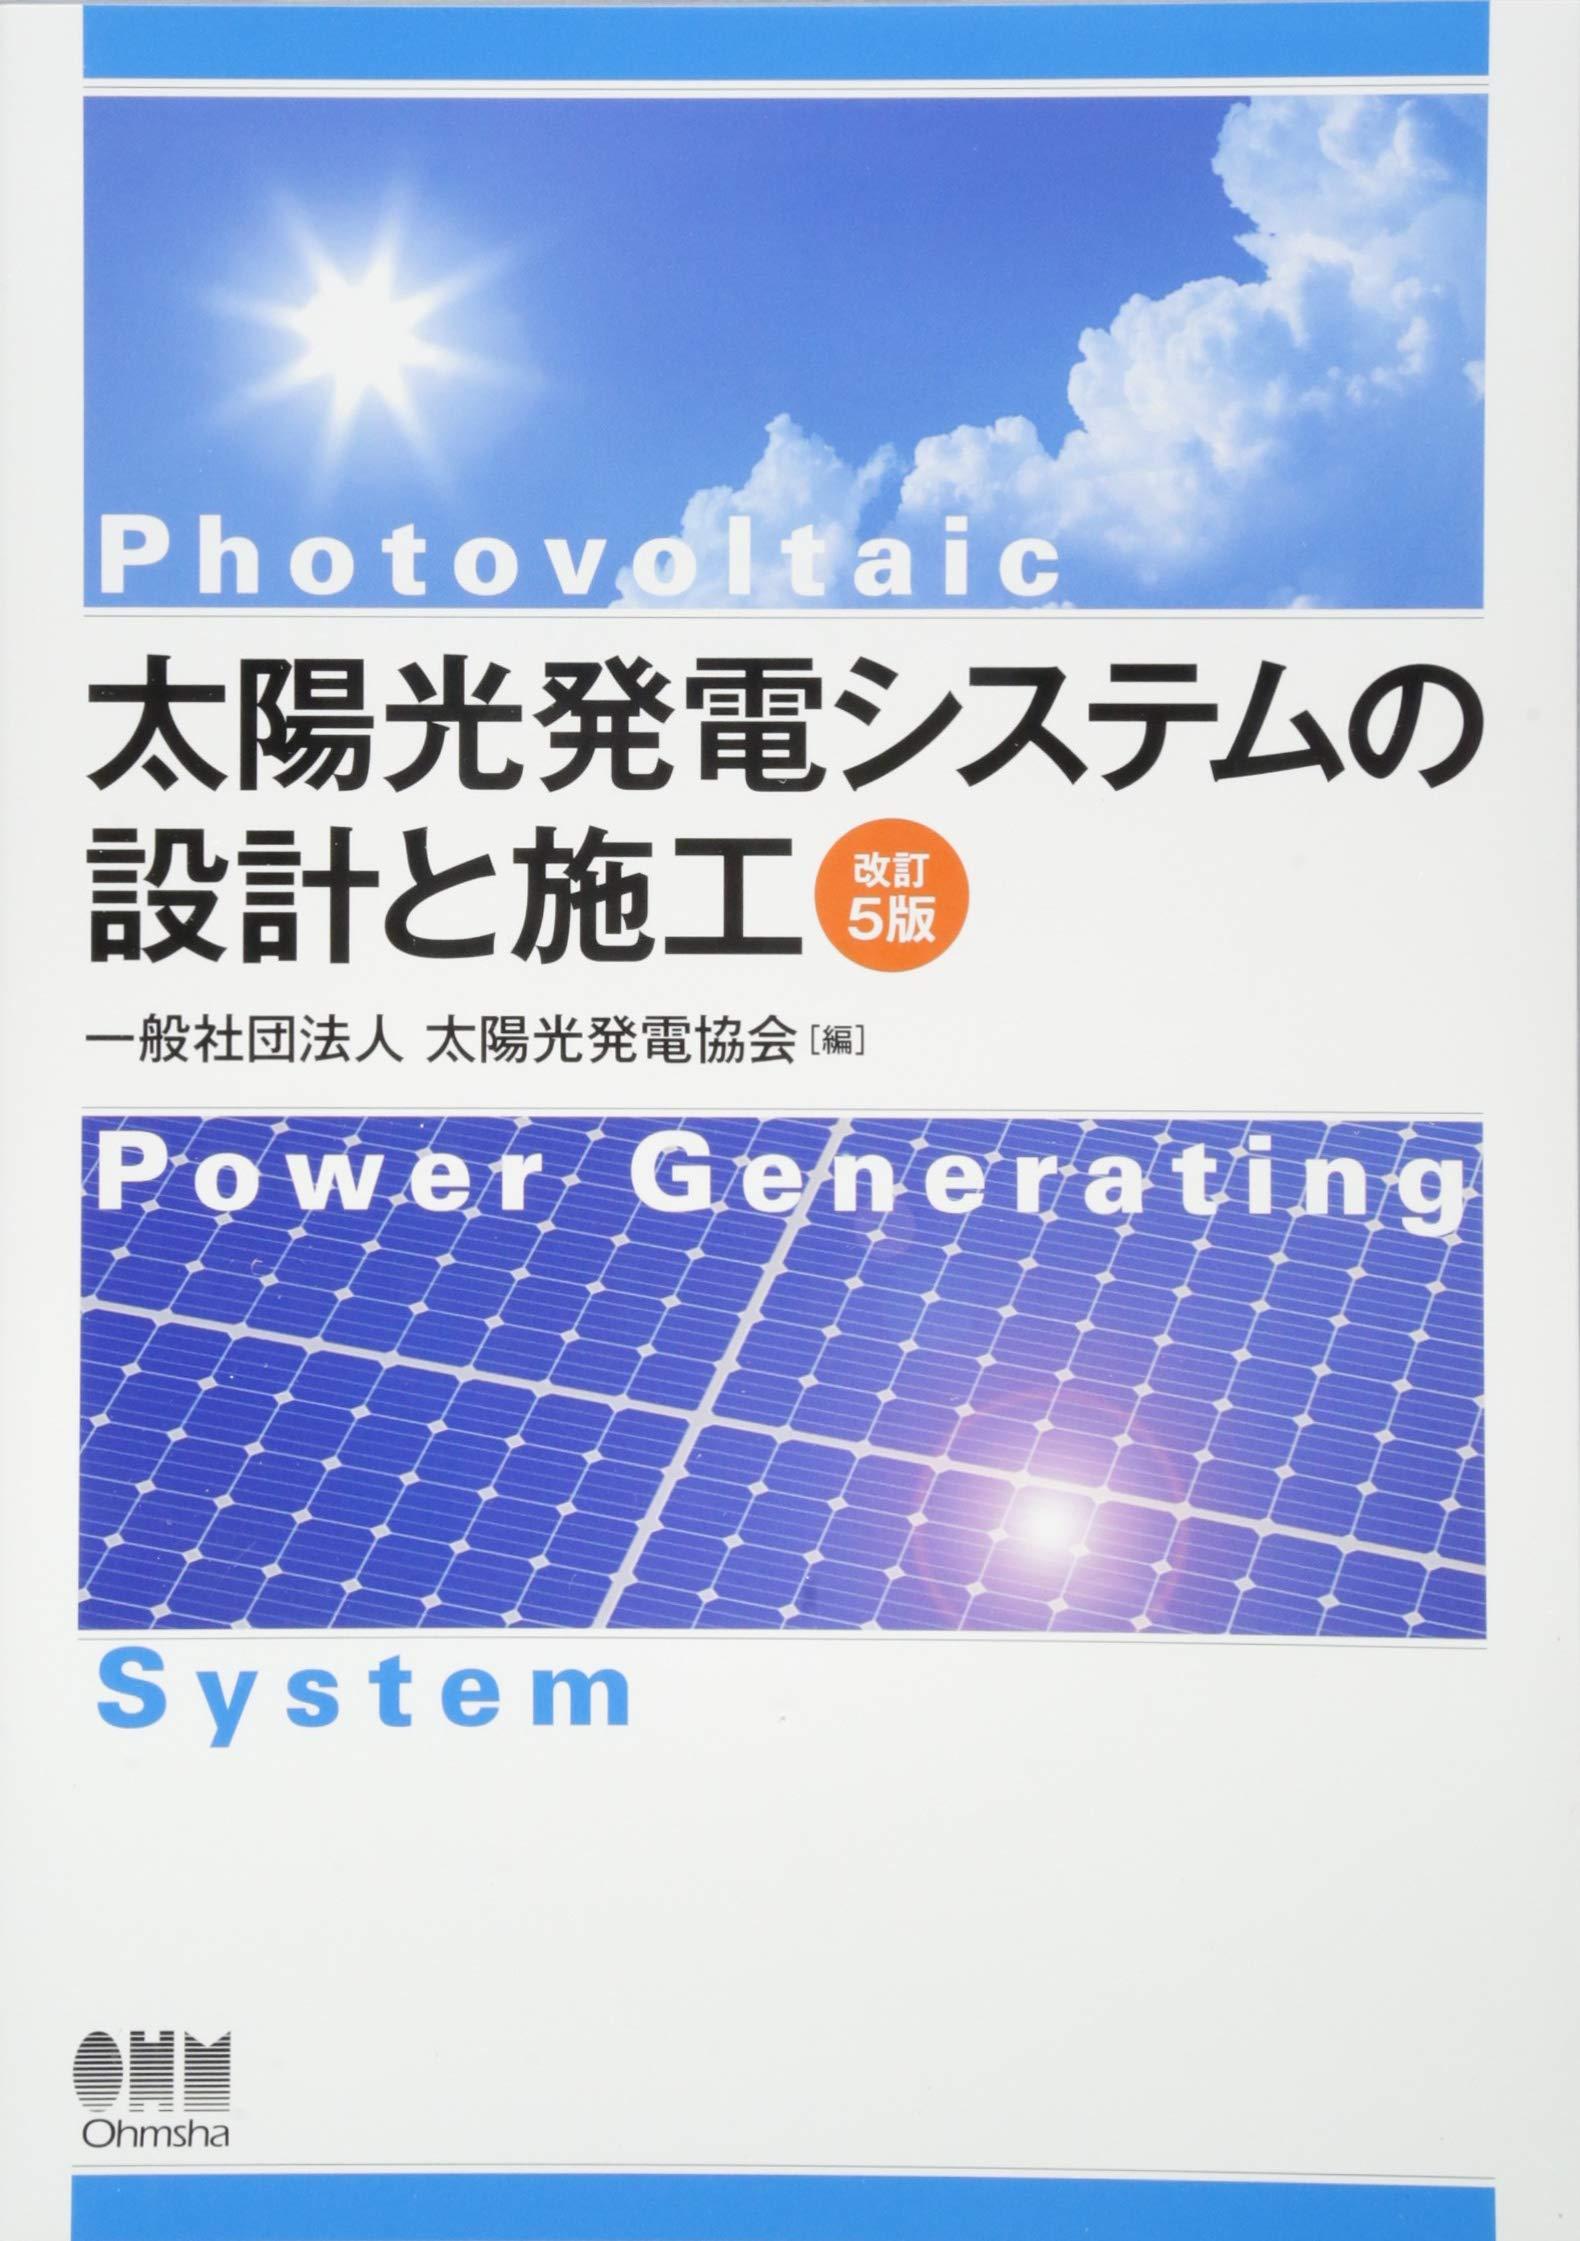 発電 は 光 太陽 と